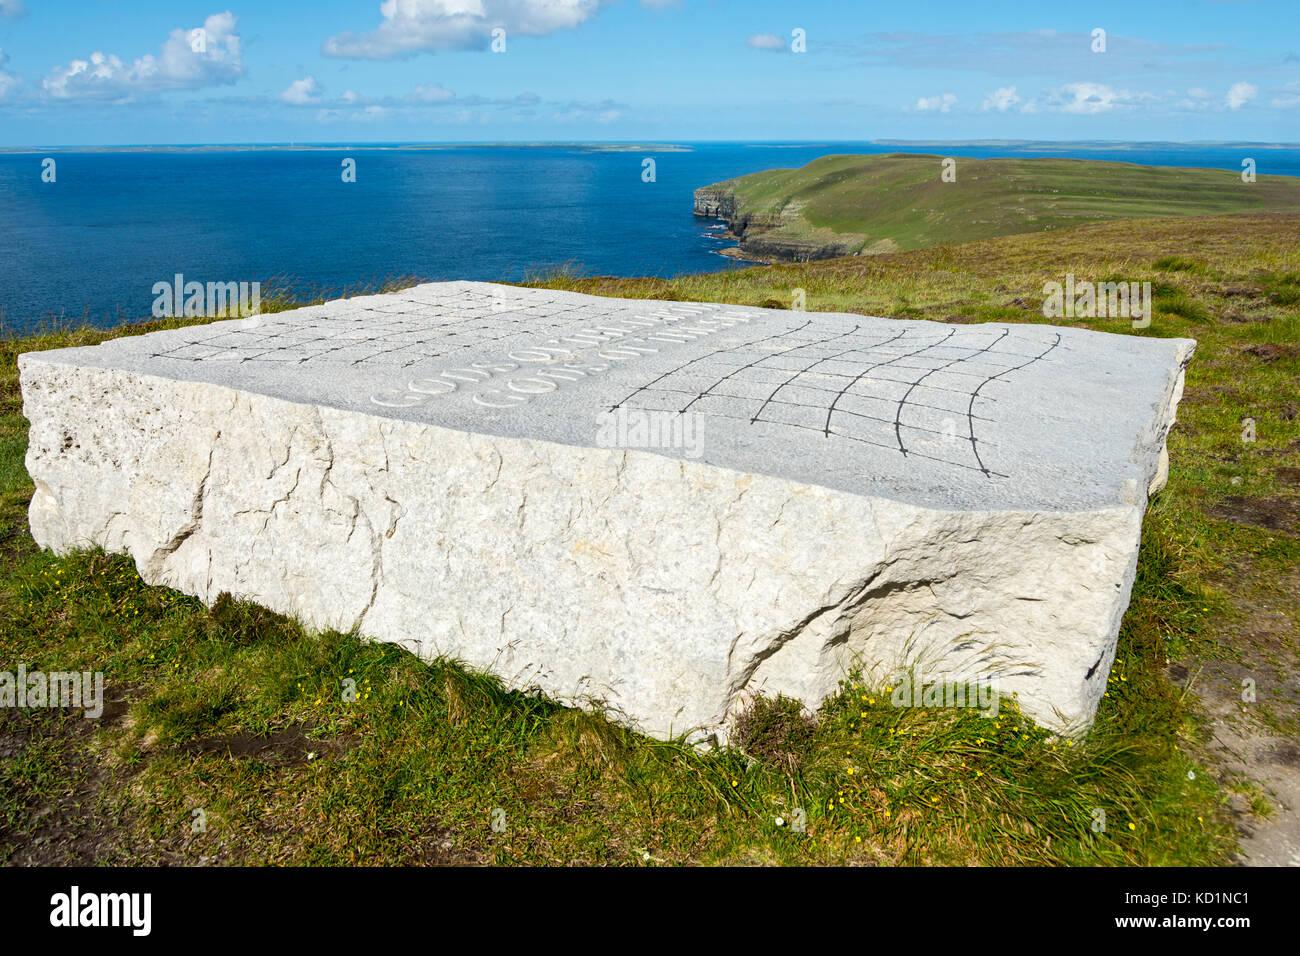 'Gods of the Earth, Gods of the Sea', a sculpture by Ian Hamilton Finlay. Saviskaill Bay, near Faraclett Head, Rousay, Stock Photo